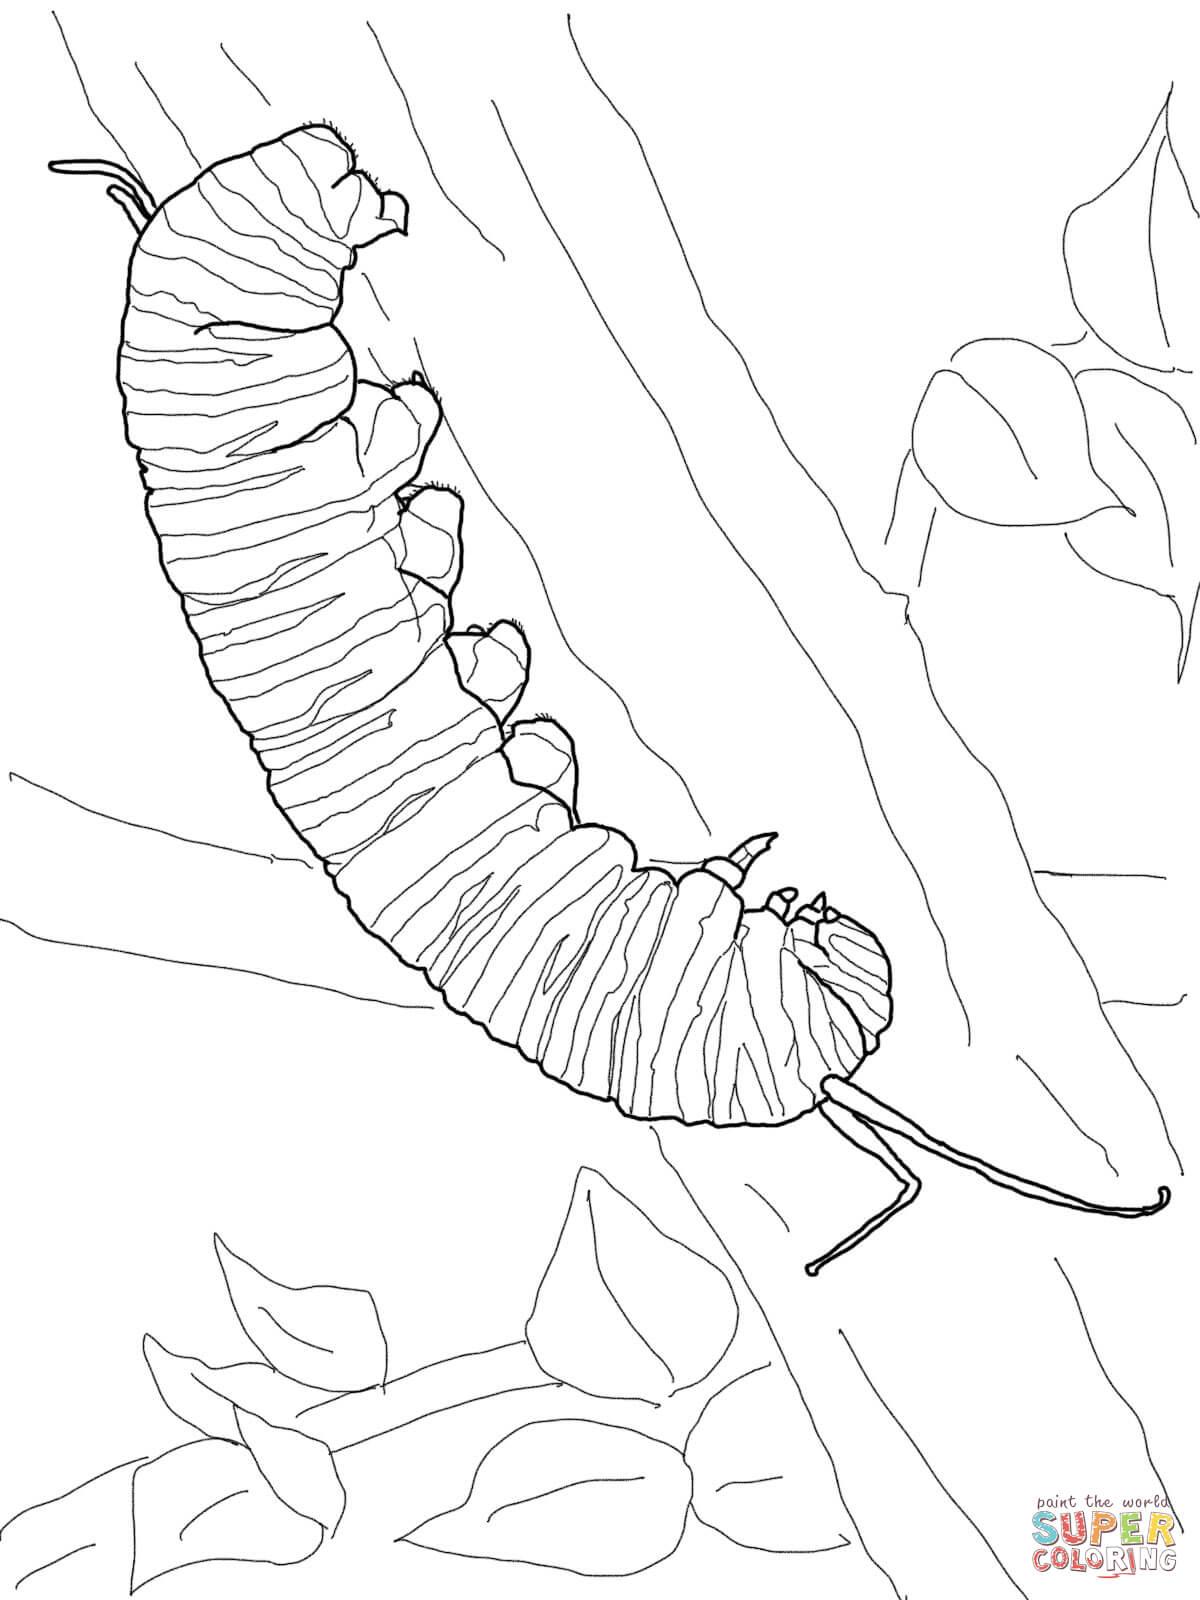 Dibujo De Oruga De Mariposa Monarca Para Colorear